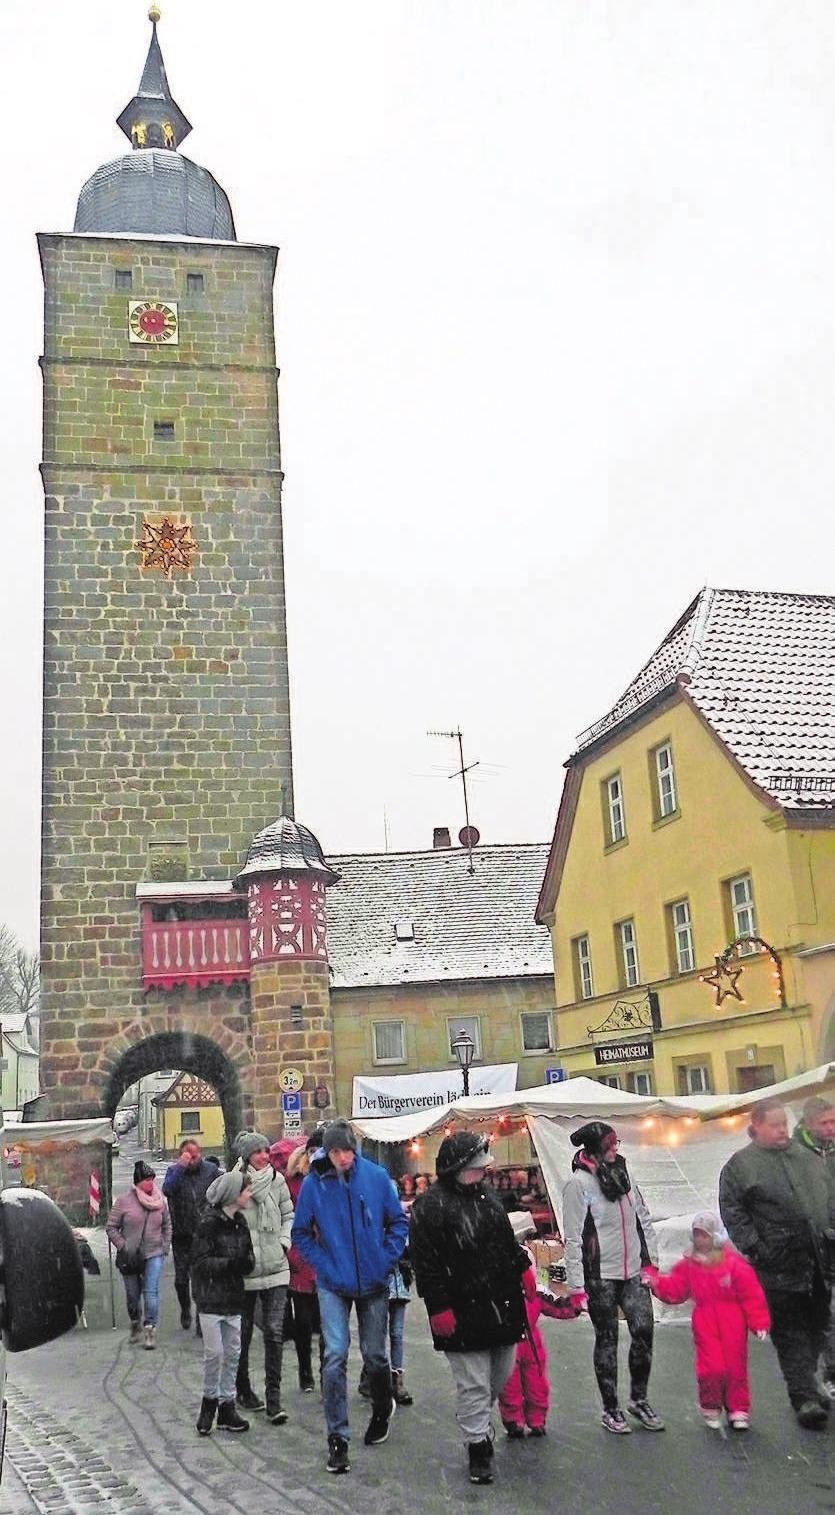 Die Altstadt bietet ein schönes Ambiente.